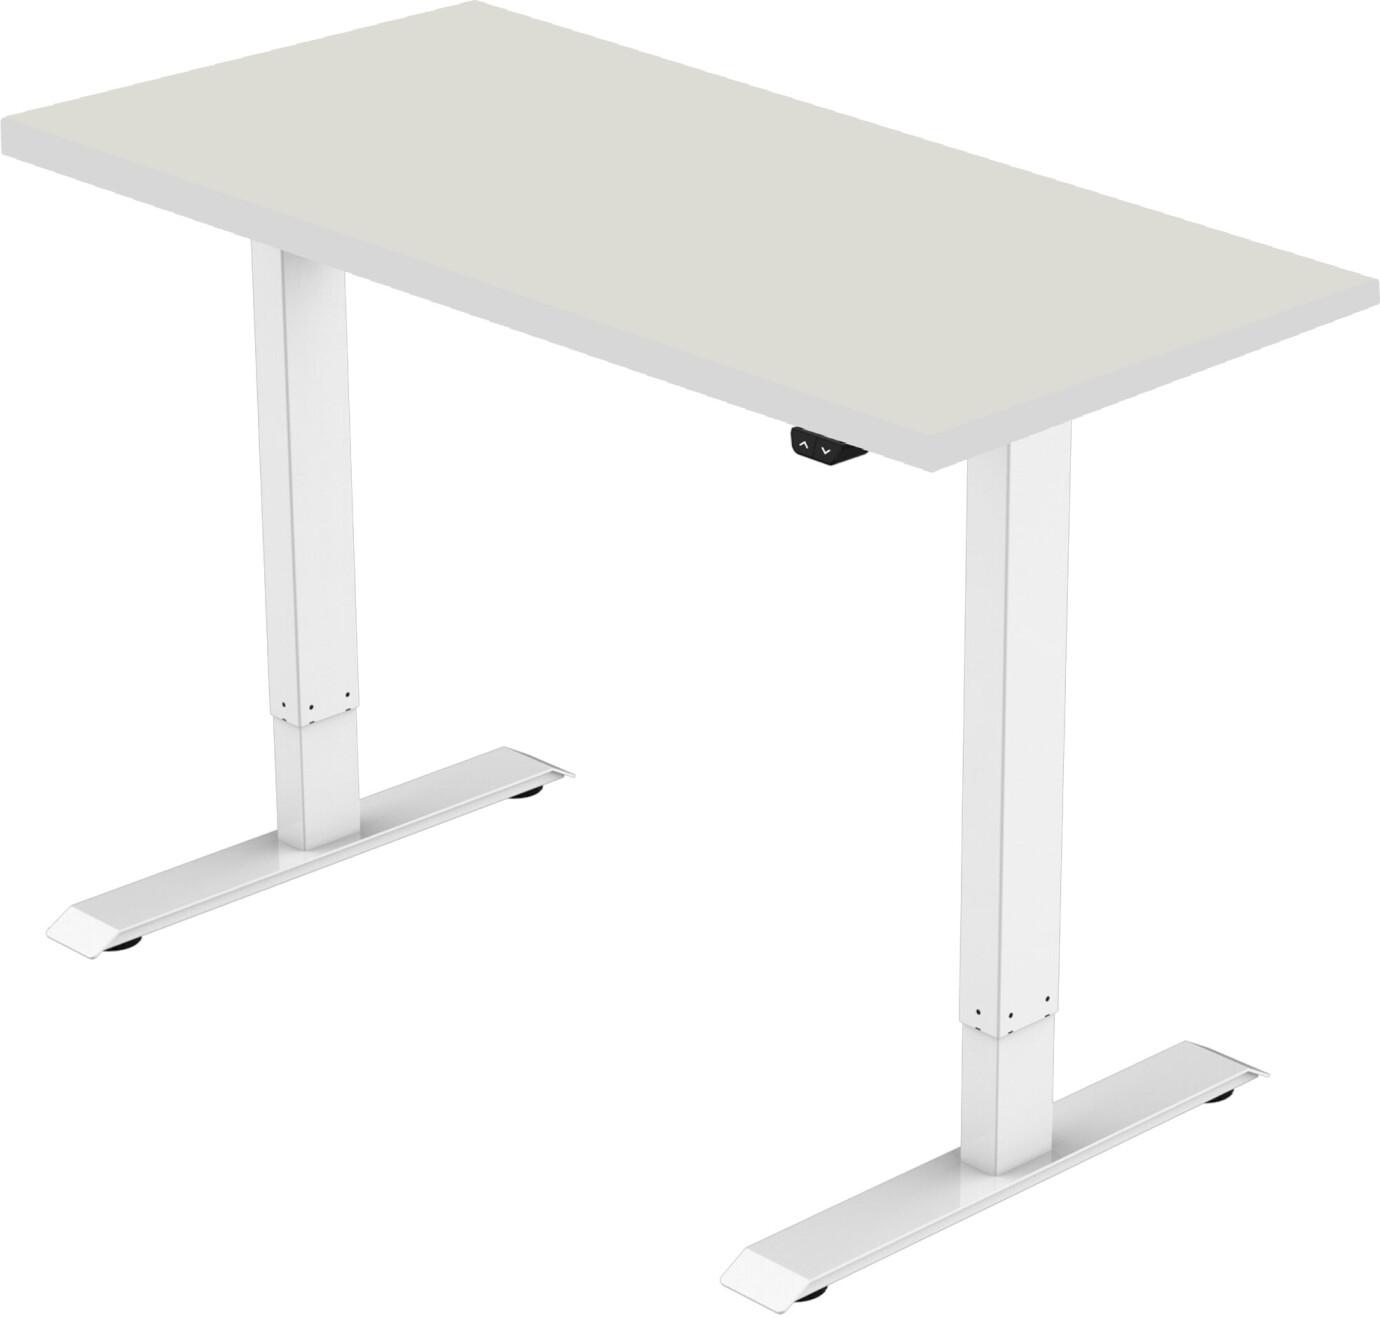 celexon elektrisch höhenverstellbarer Schreibtisch Economy eAdjust-71121 - weiß, inkl. Tischplatte 175 x 75 cm